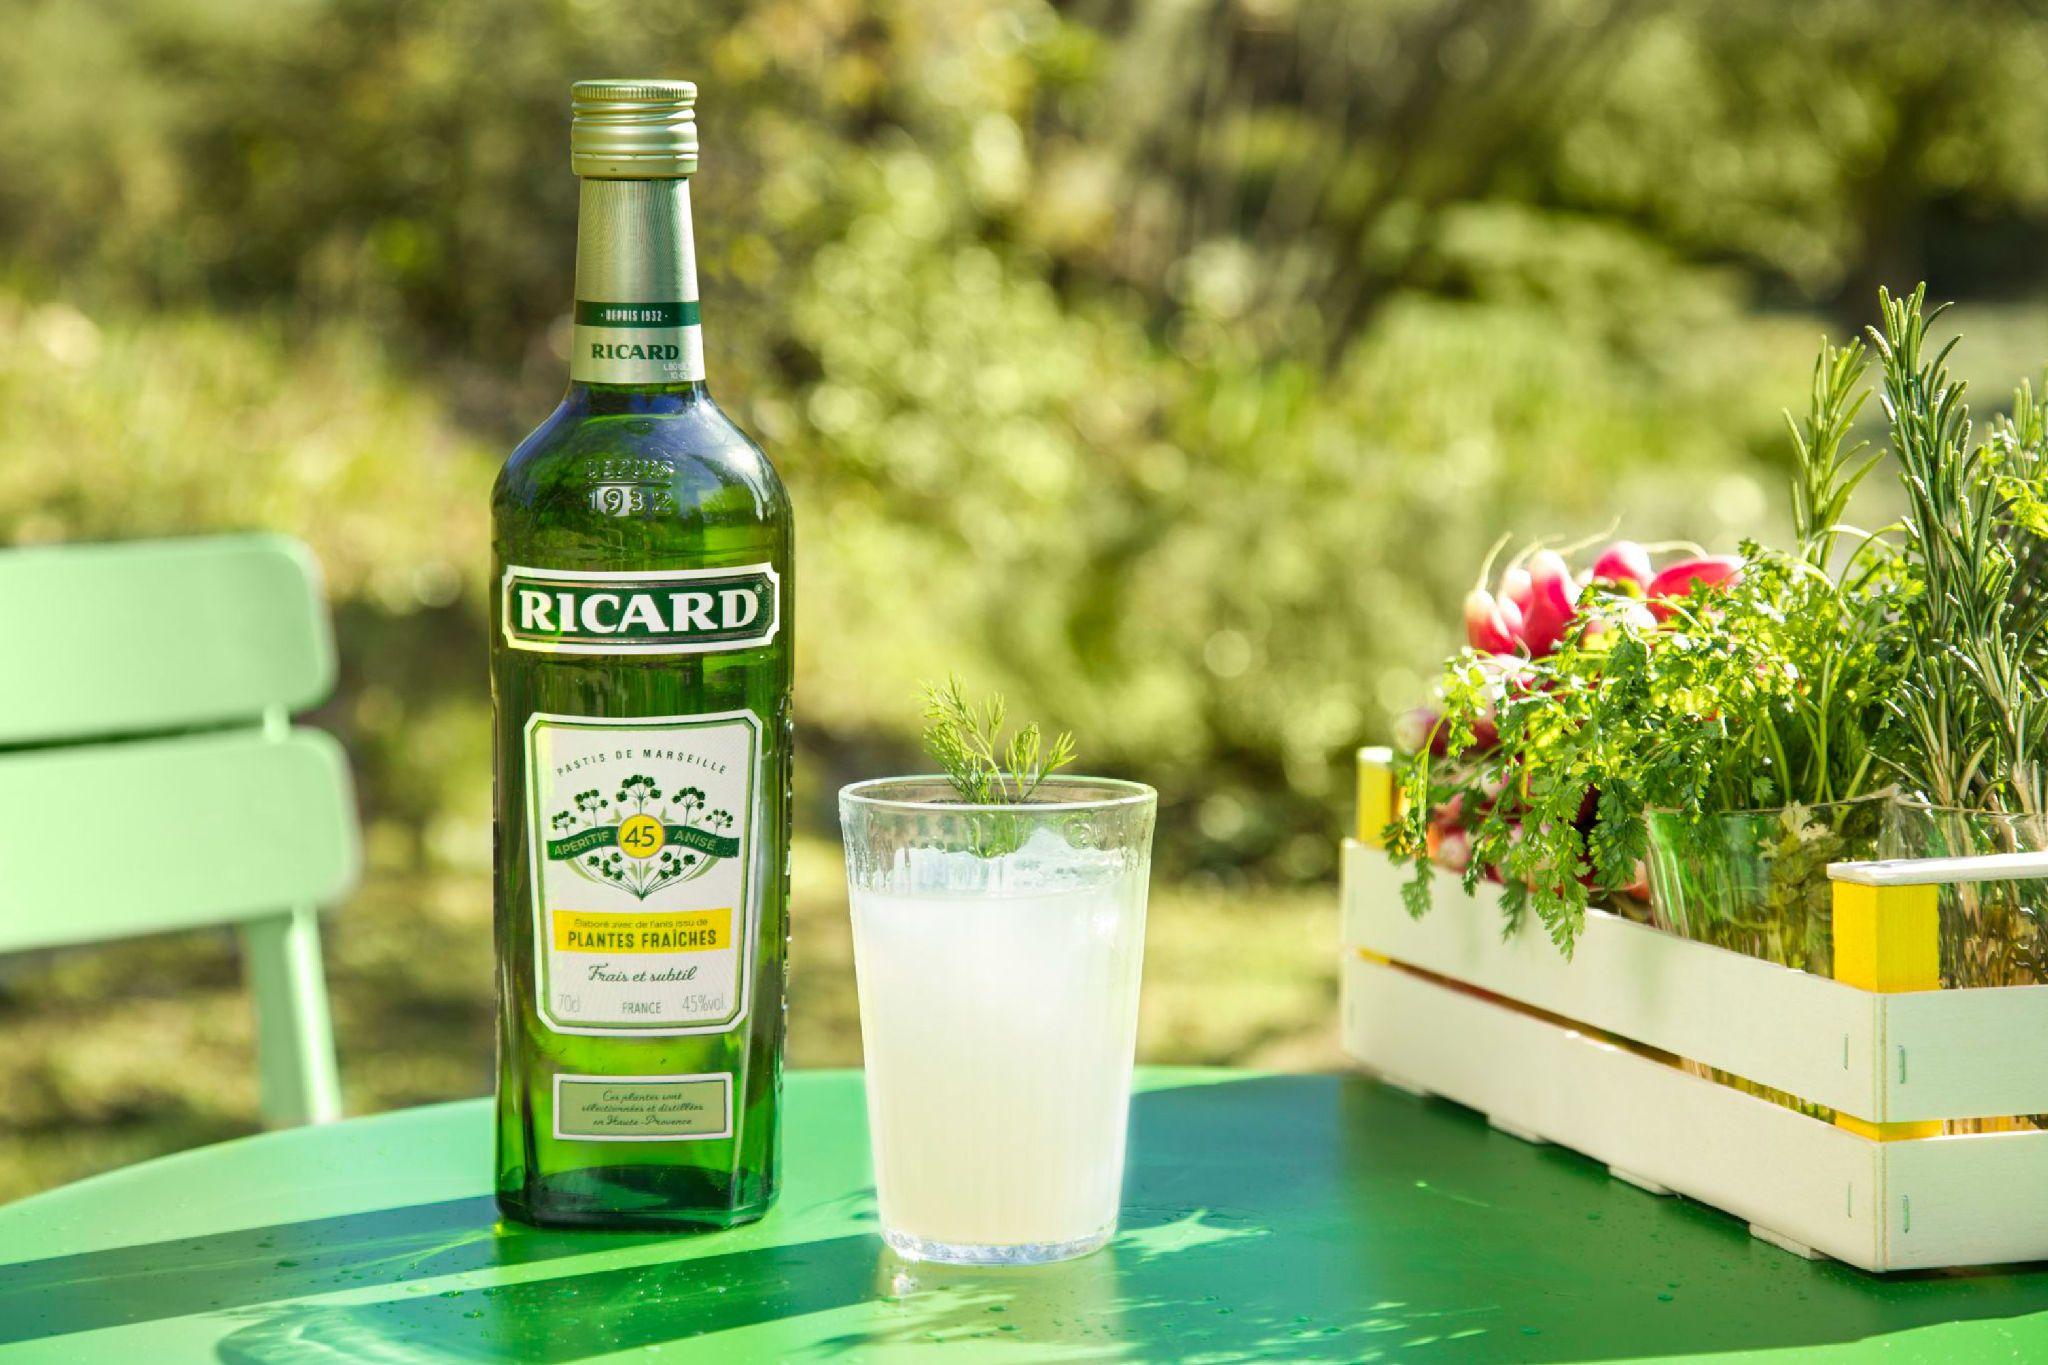 Ricard Plantes Fraiches Likeur Limoncello Gin